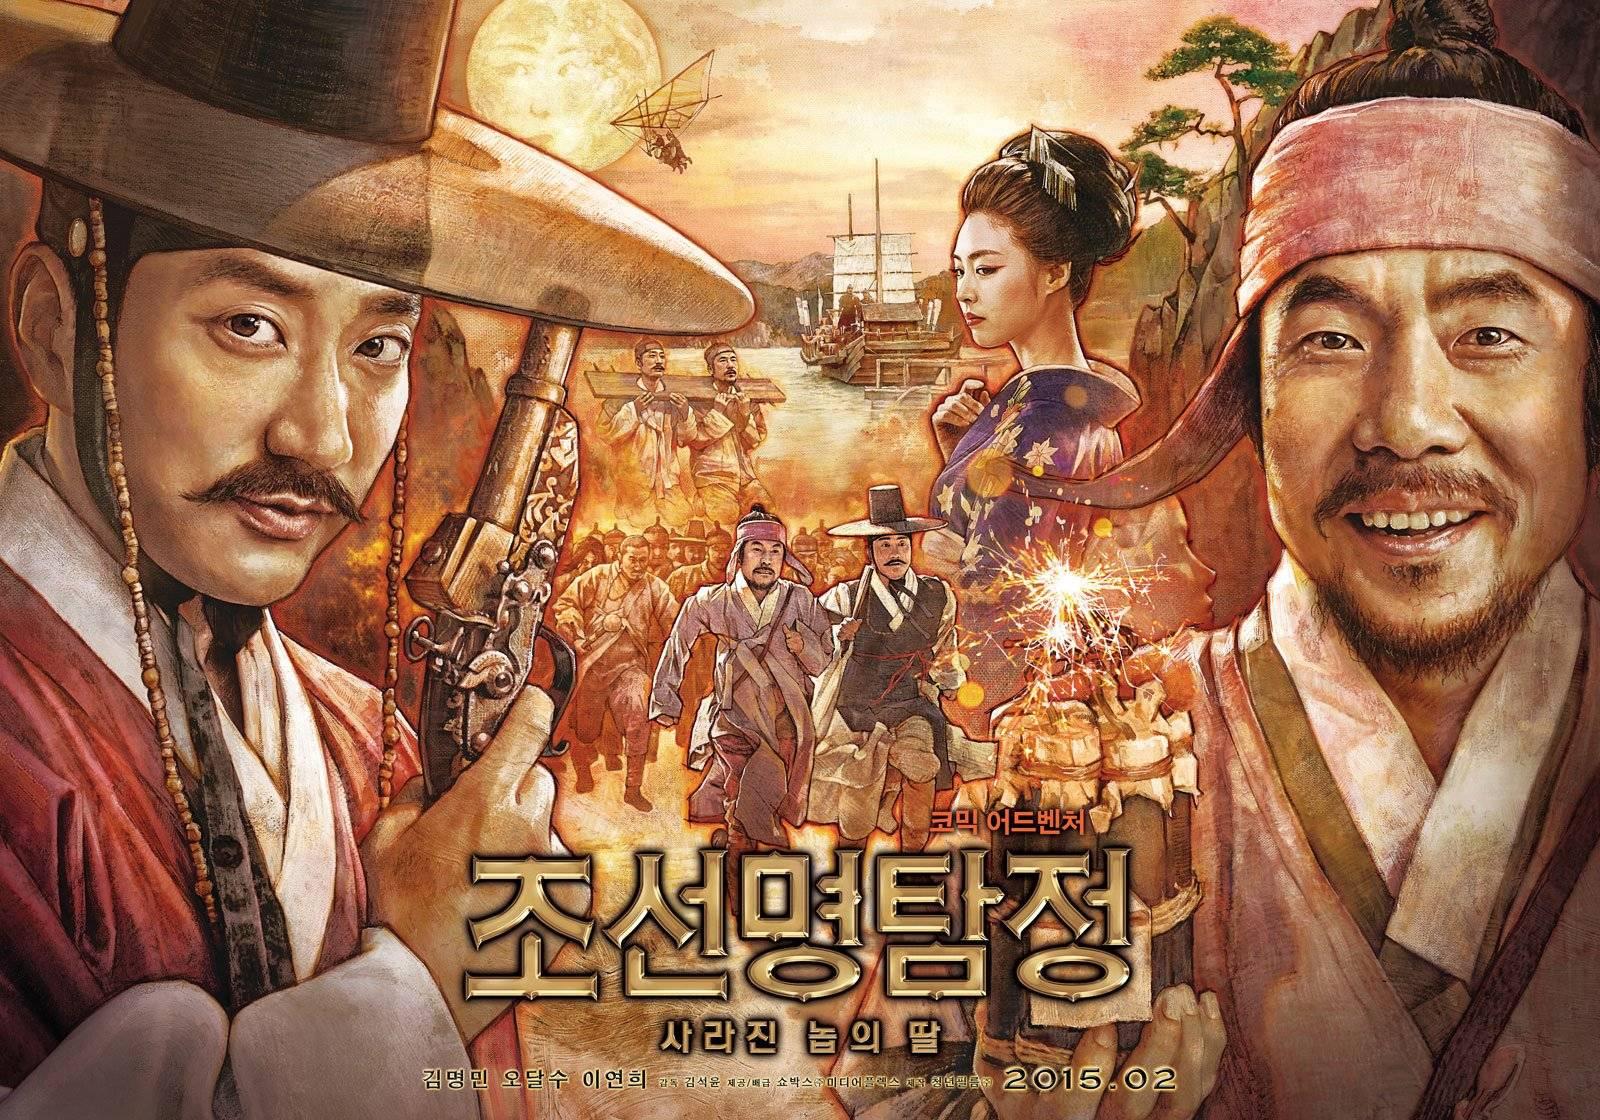 دانلود فیلم کره ای کارآگاه کا راز جزیره گمشده